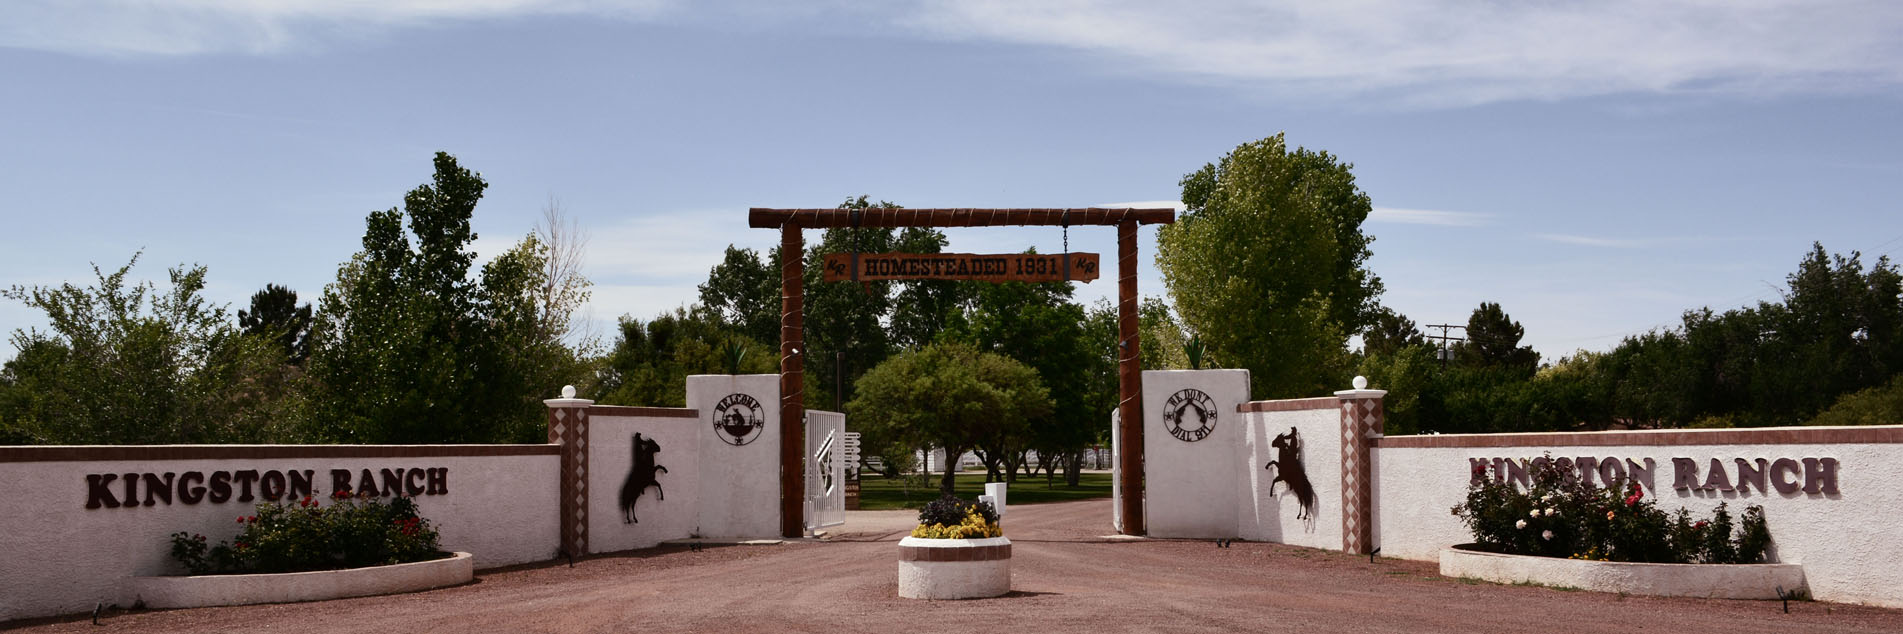 Kingston Ranch 1